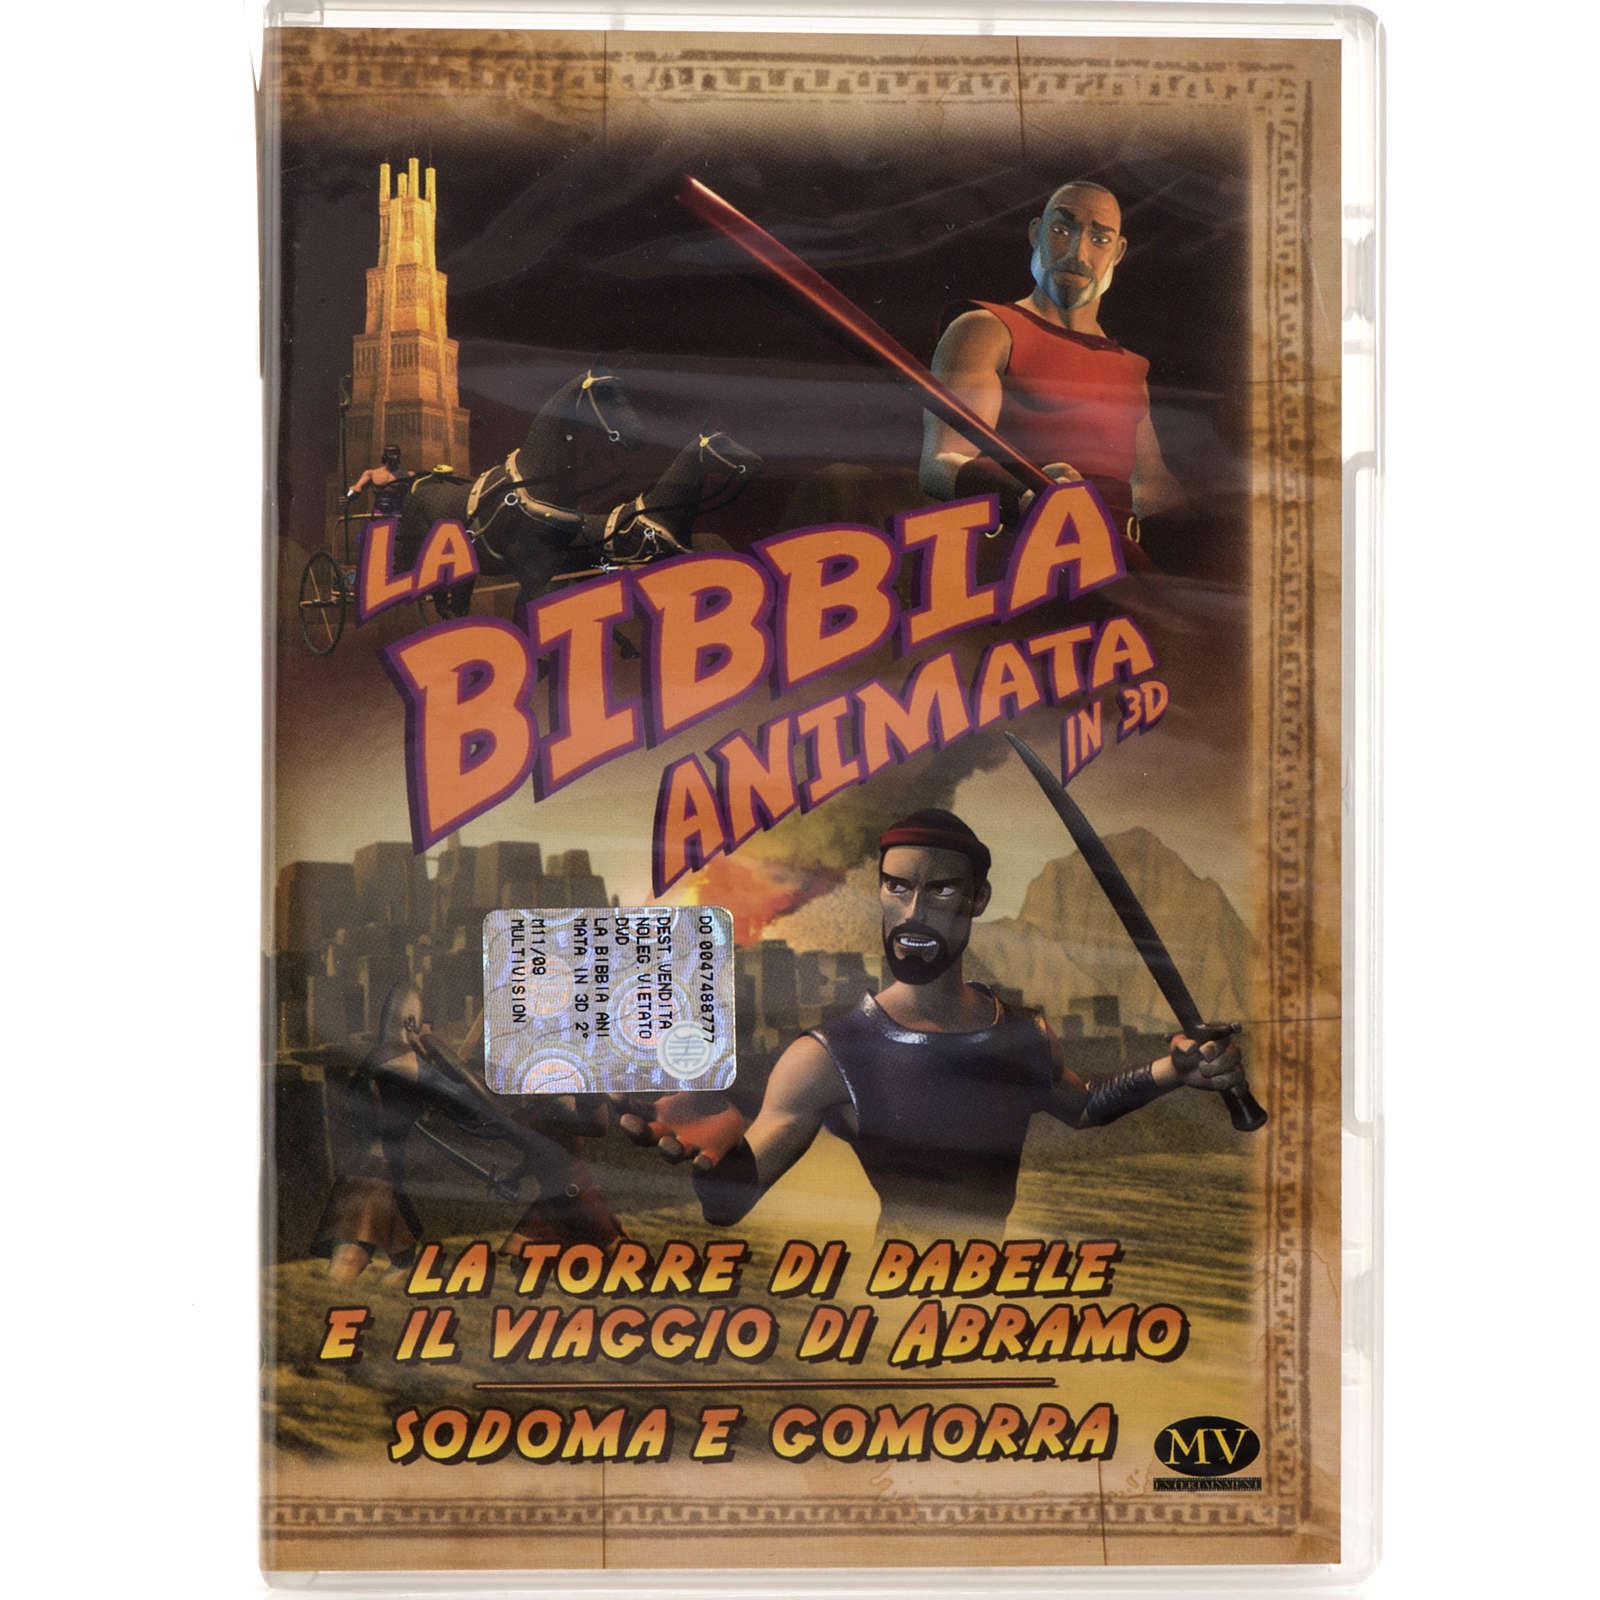 La torre di Babele e viaggio di Abramo - Sodoma e Gomorra 3